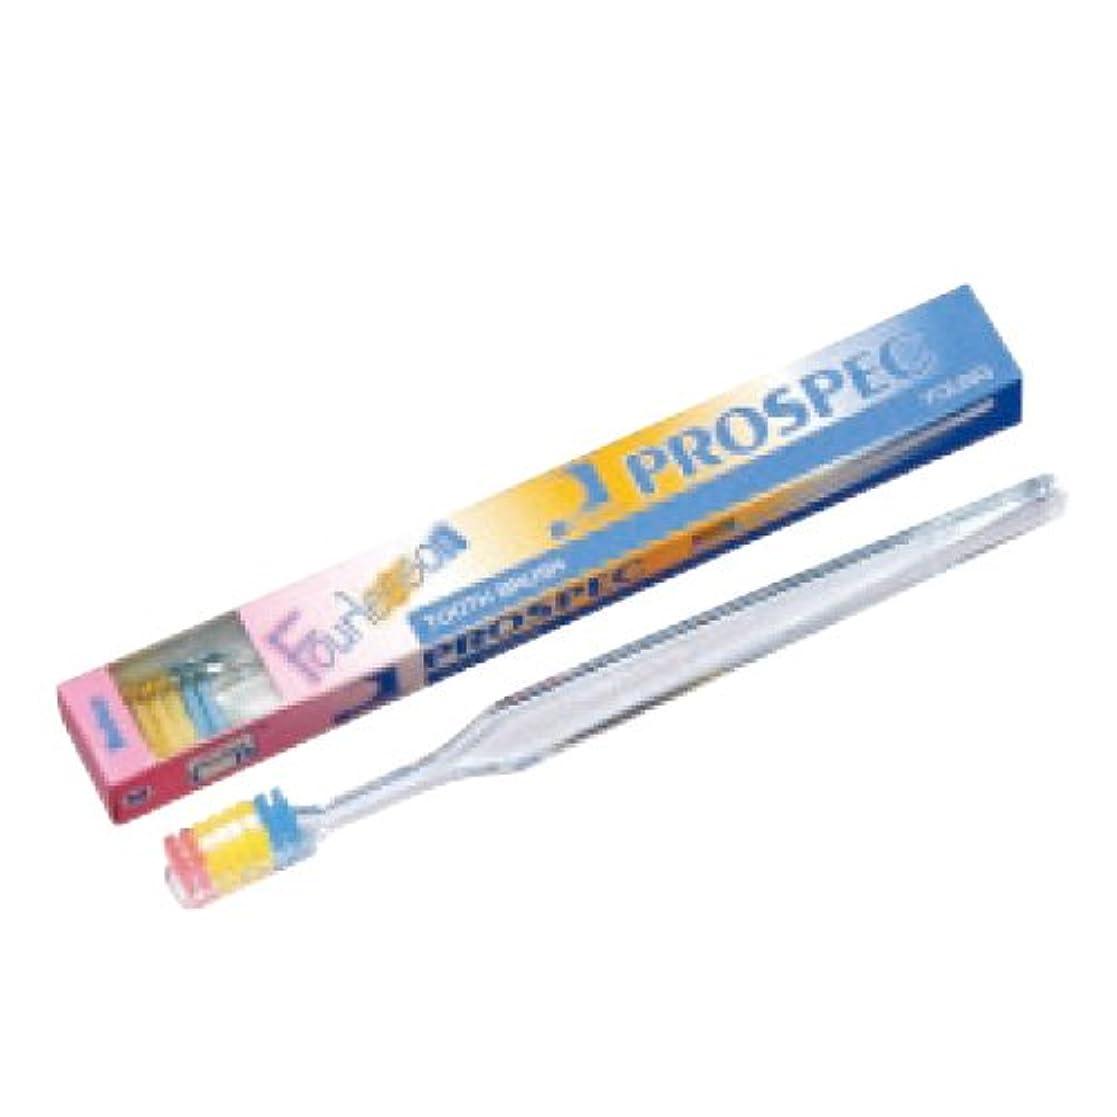 降臨振動させるショルダープロスペック 歯ブラシ ヤング1本 フォーレッスン 毛の硬さふつう